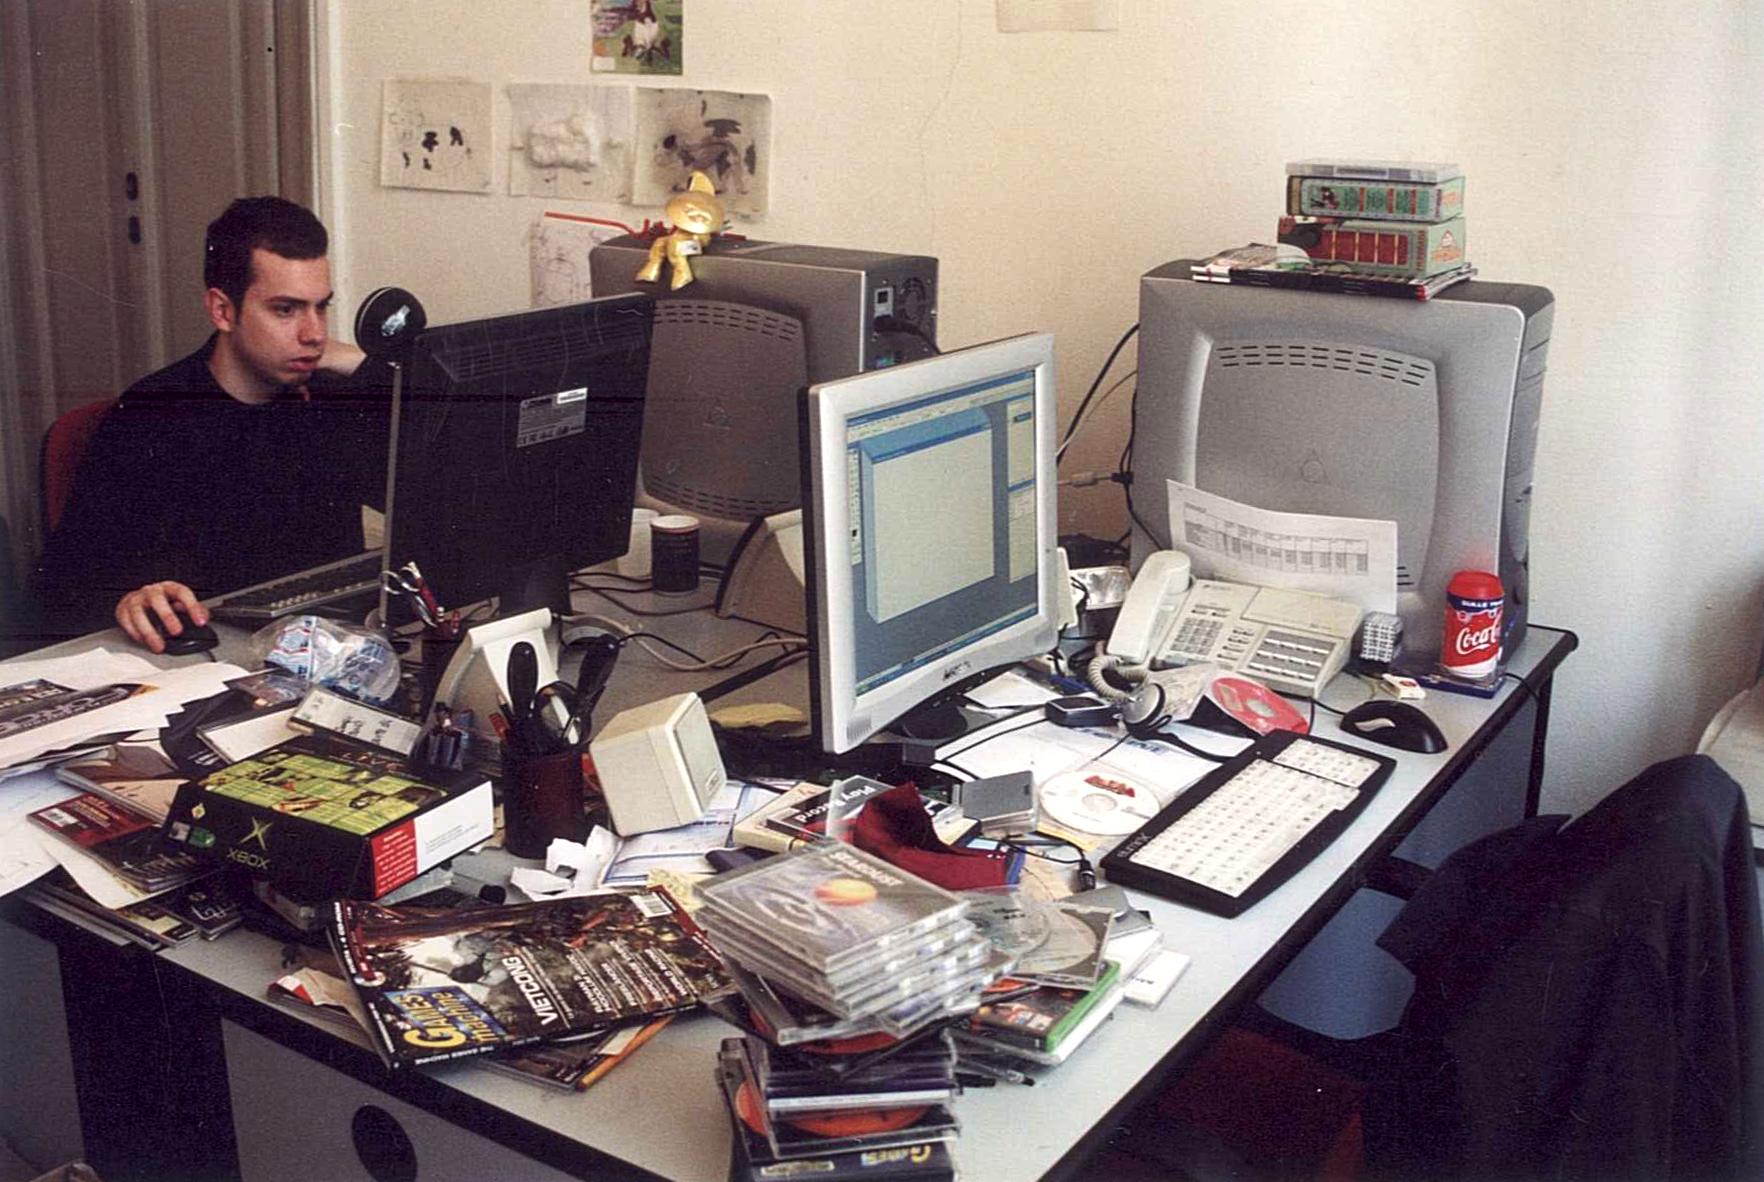 """La mia scrivania in Via Carducci, senza di me, del resto la foto l'ho fatta io. """"Qui nasce la magia"""",  anche se trovarla in mezzo a tutto quel casino è sempre stata un'impresa. Di fronte ovviamente c'è ancora Mirko che alla terza foto ha un po' rotto le palle."""